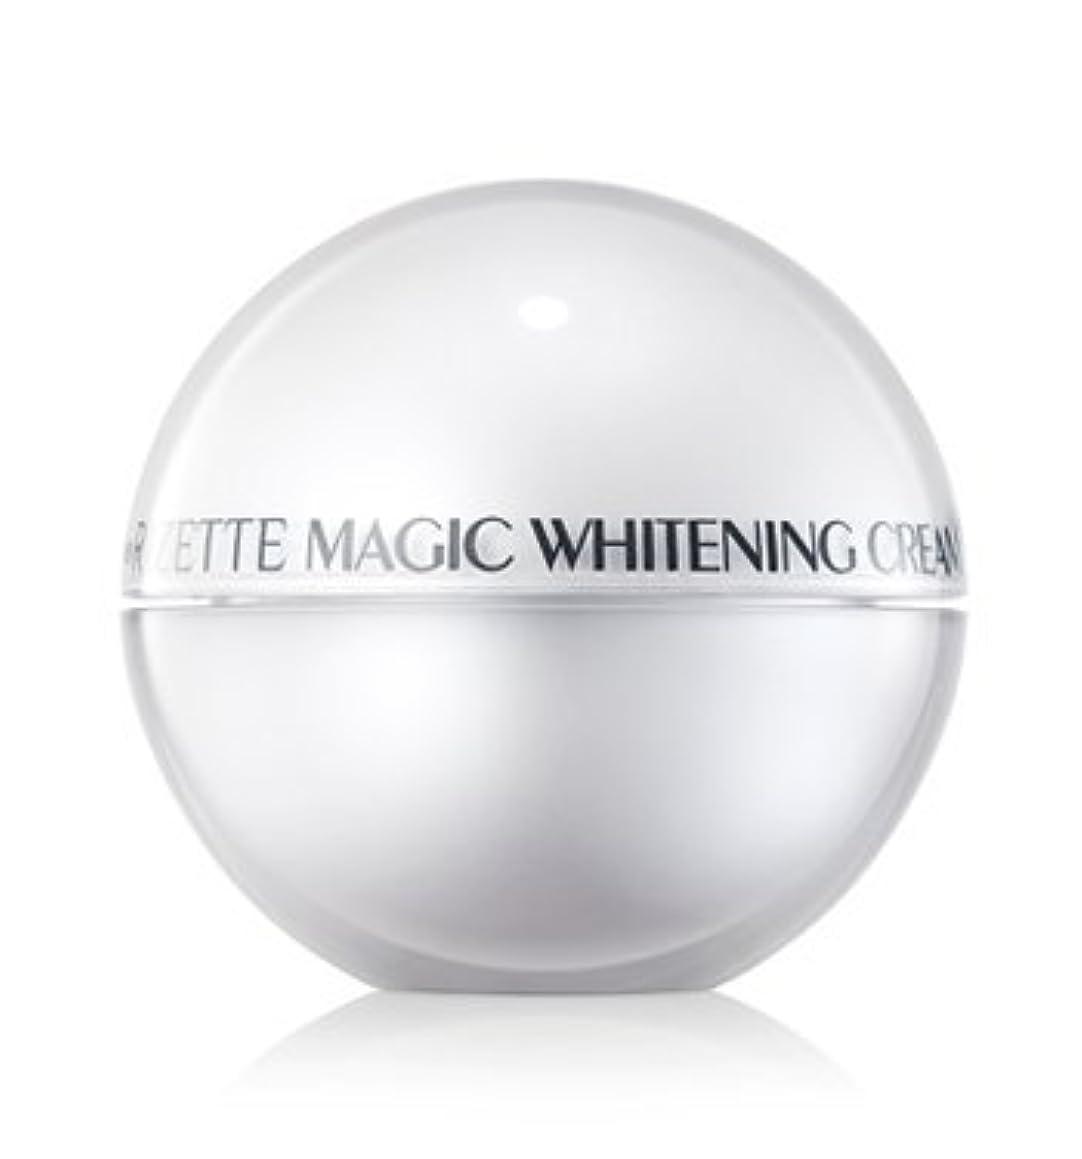 便利トレース派手リオエリ(Lioele) Rizette マジック ホワイトニング クリーム プラス/ Lioele Rizette Magic Whitening Cream Plus[並行輸入品]